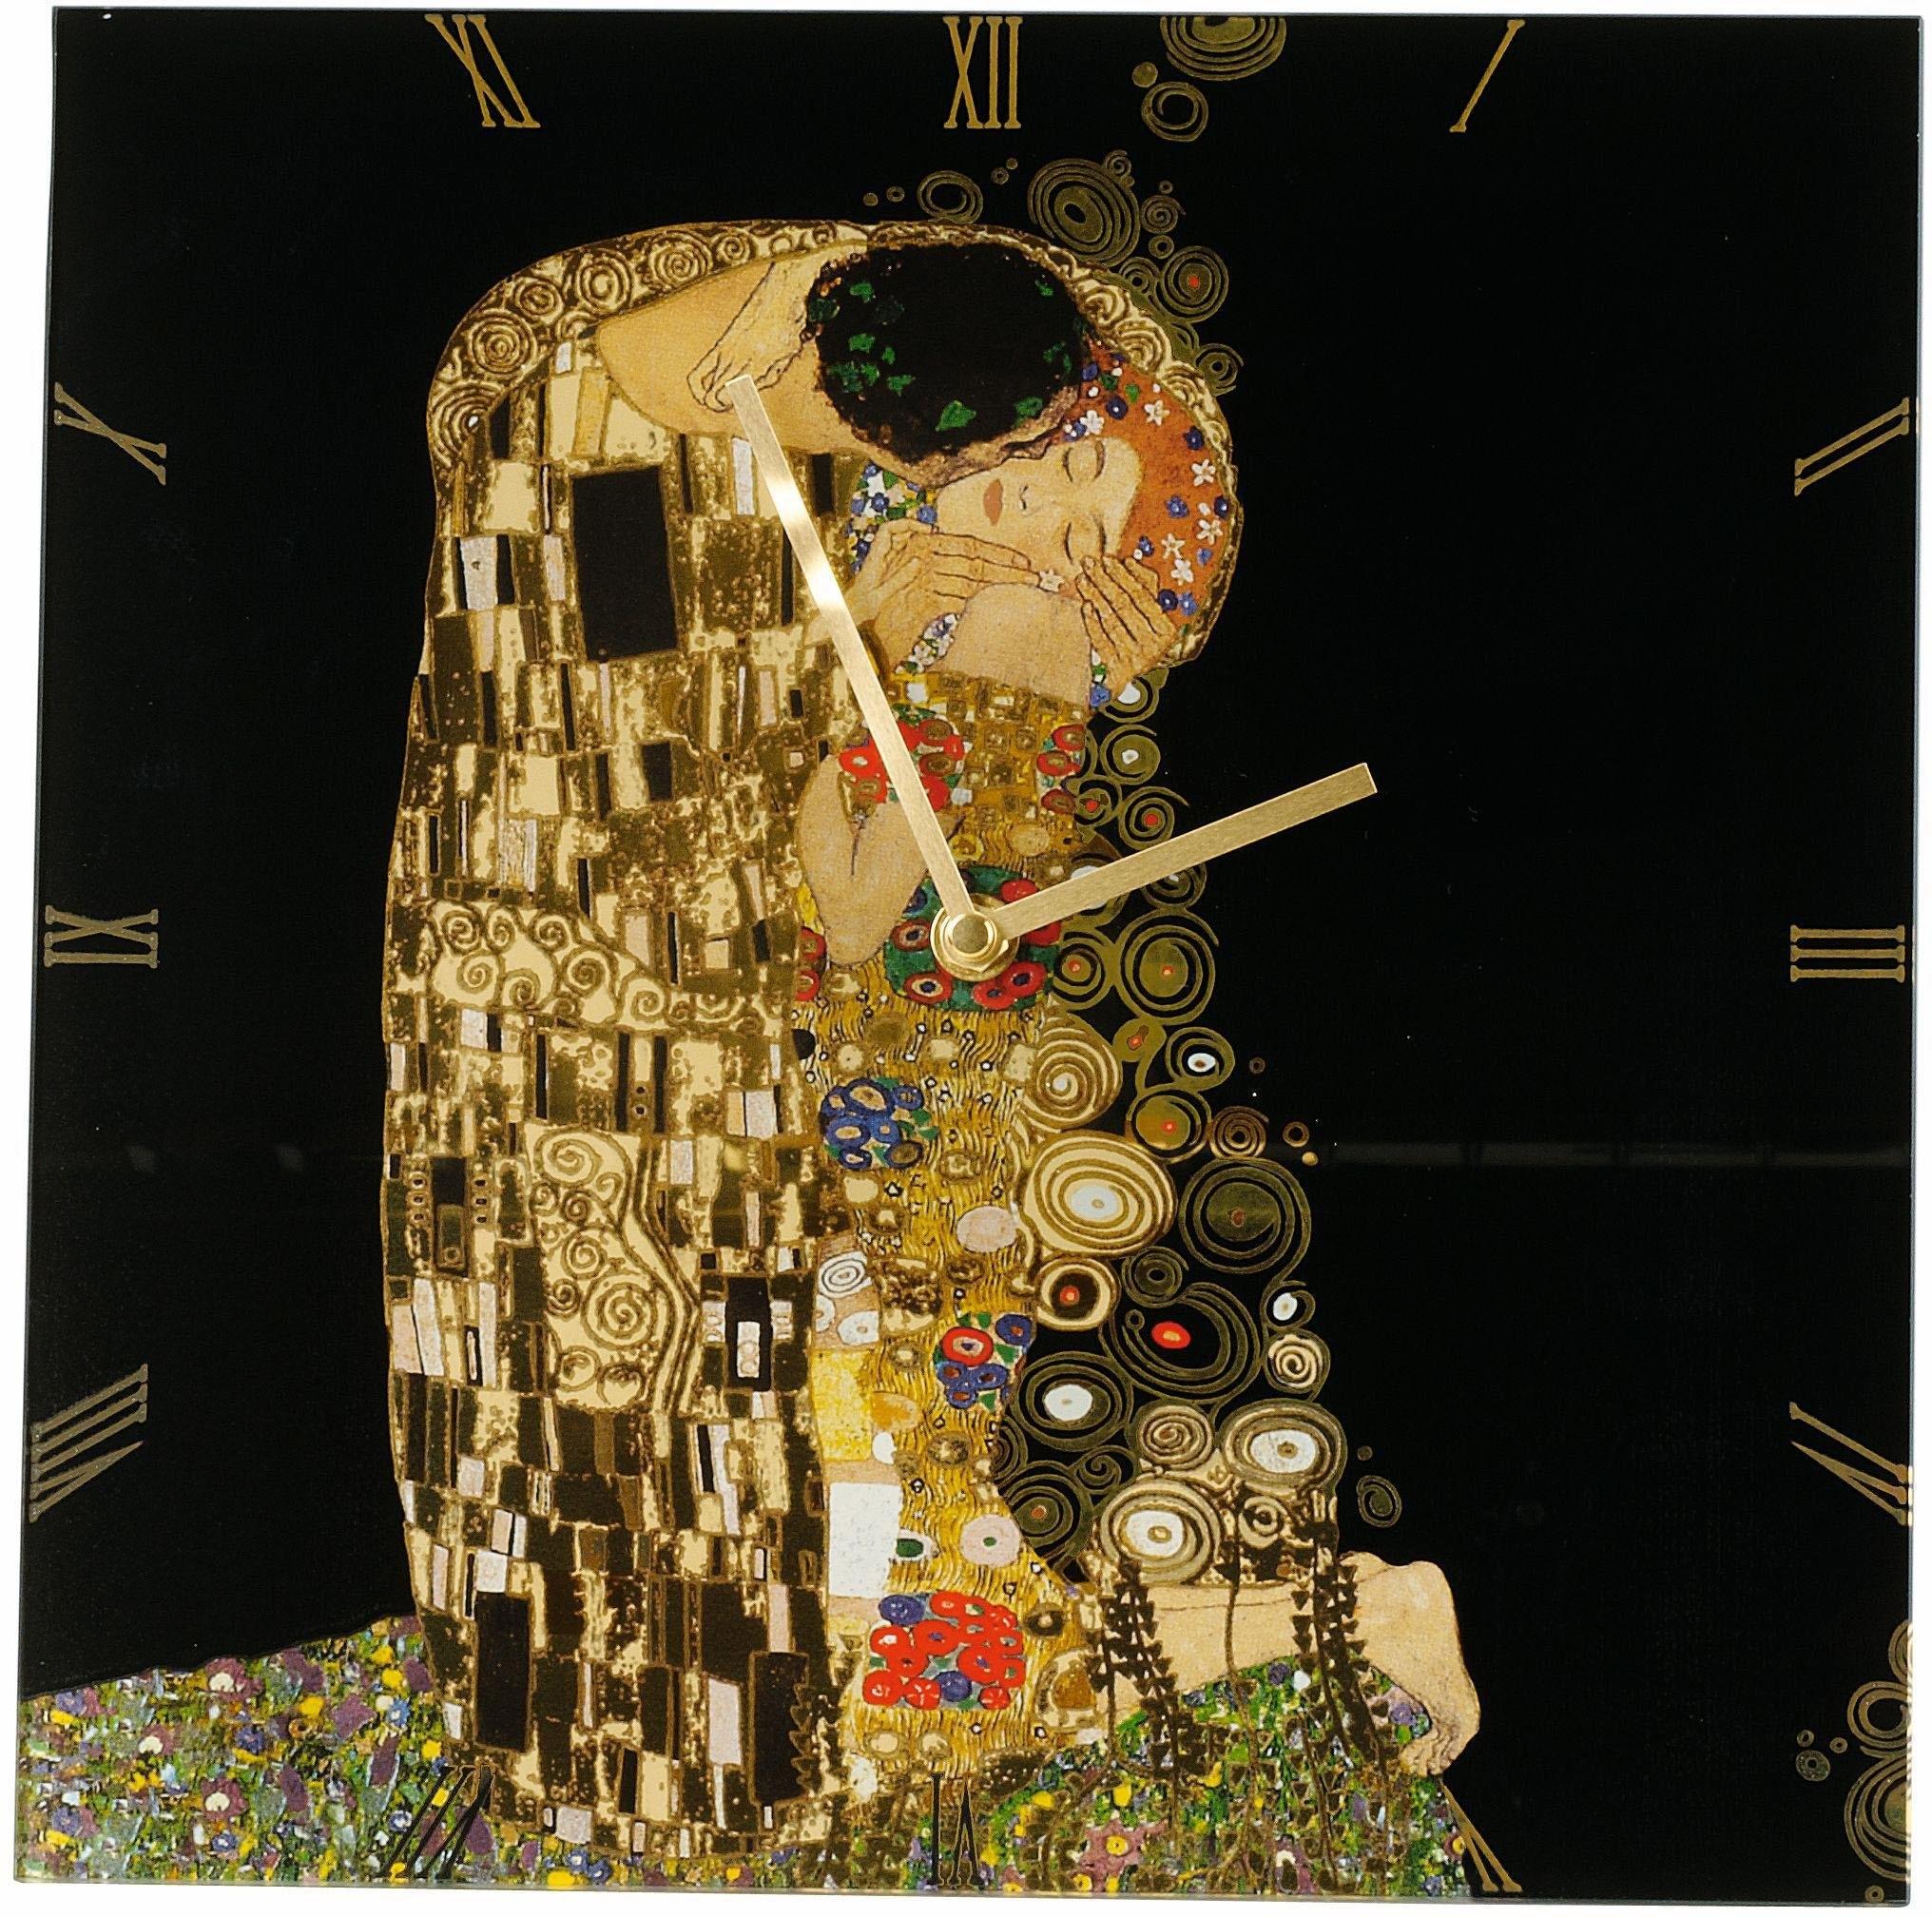 Goebel wandklok, »Artis Orbis, de kus, 66886813« goedkoop op otto.nl kopen